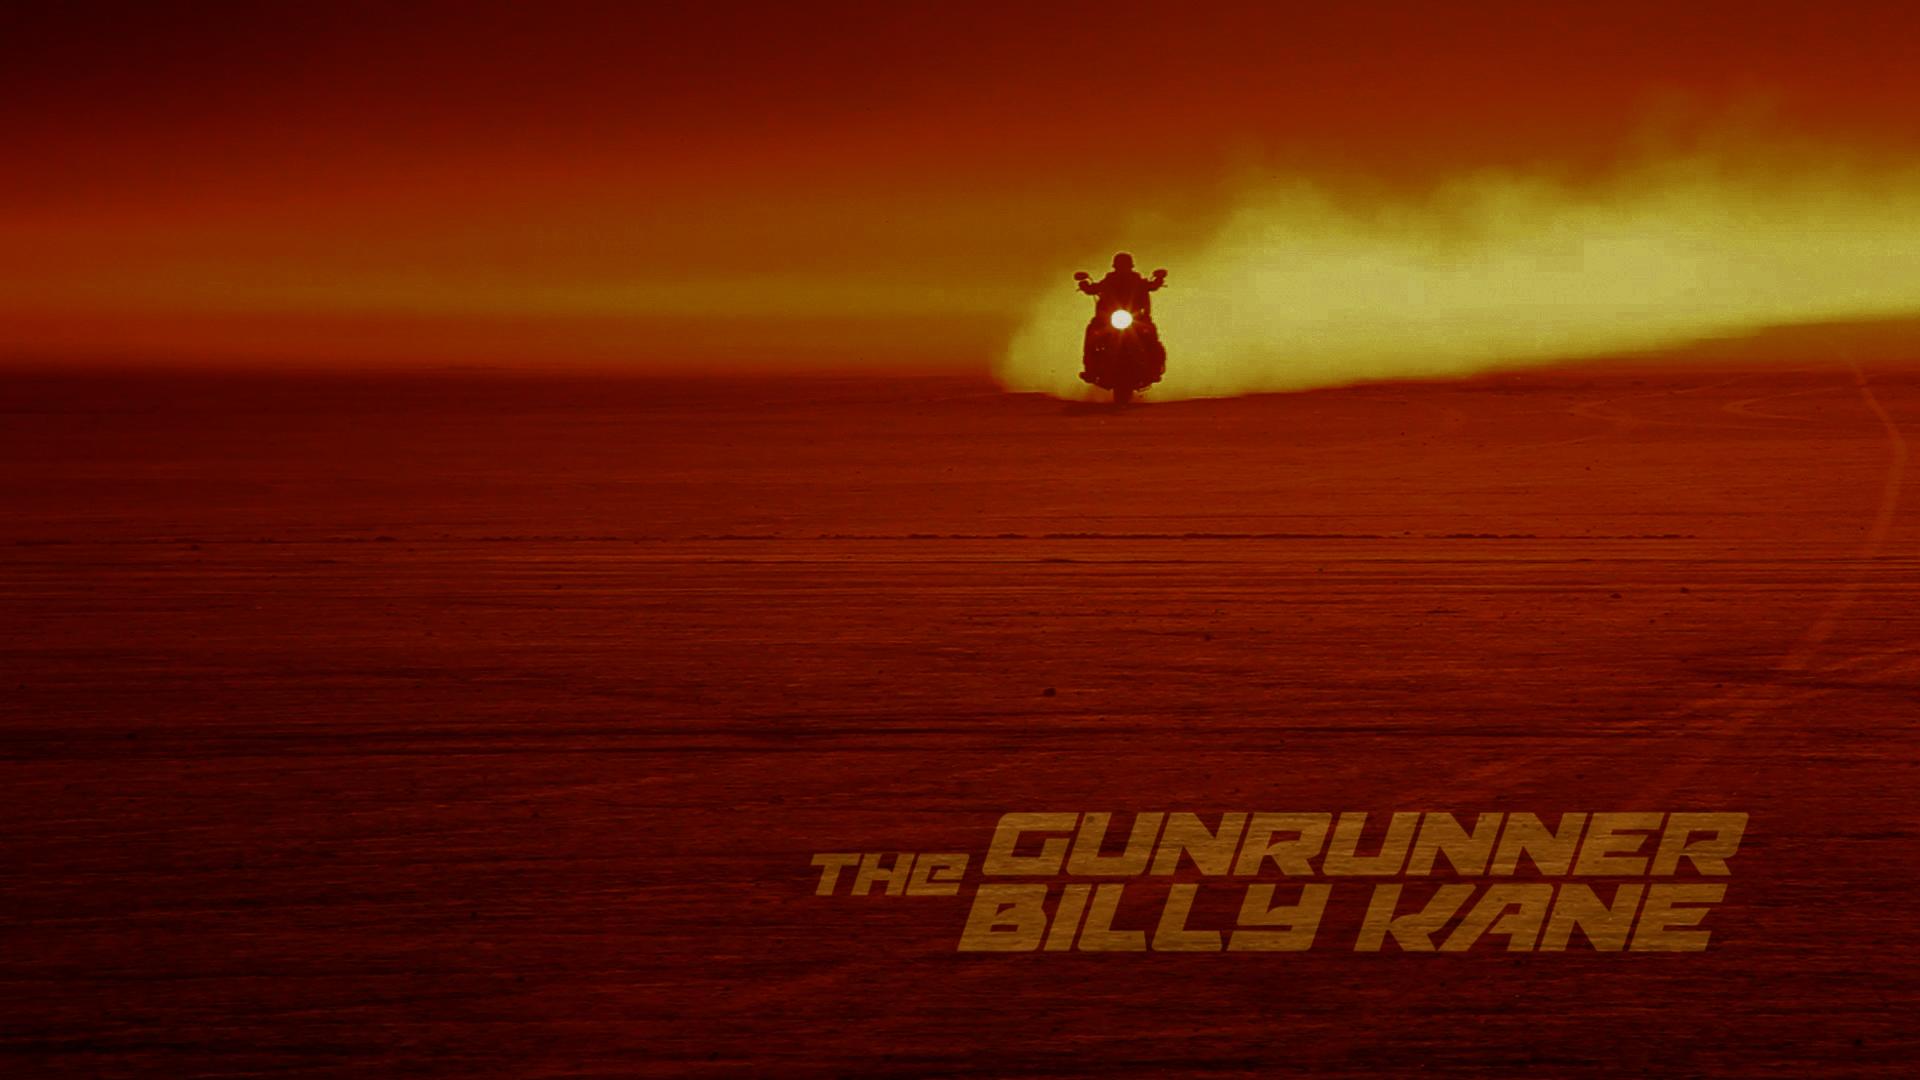 The Gunrunner Billy Kane on Amazon Prime Instant Video UK